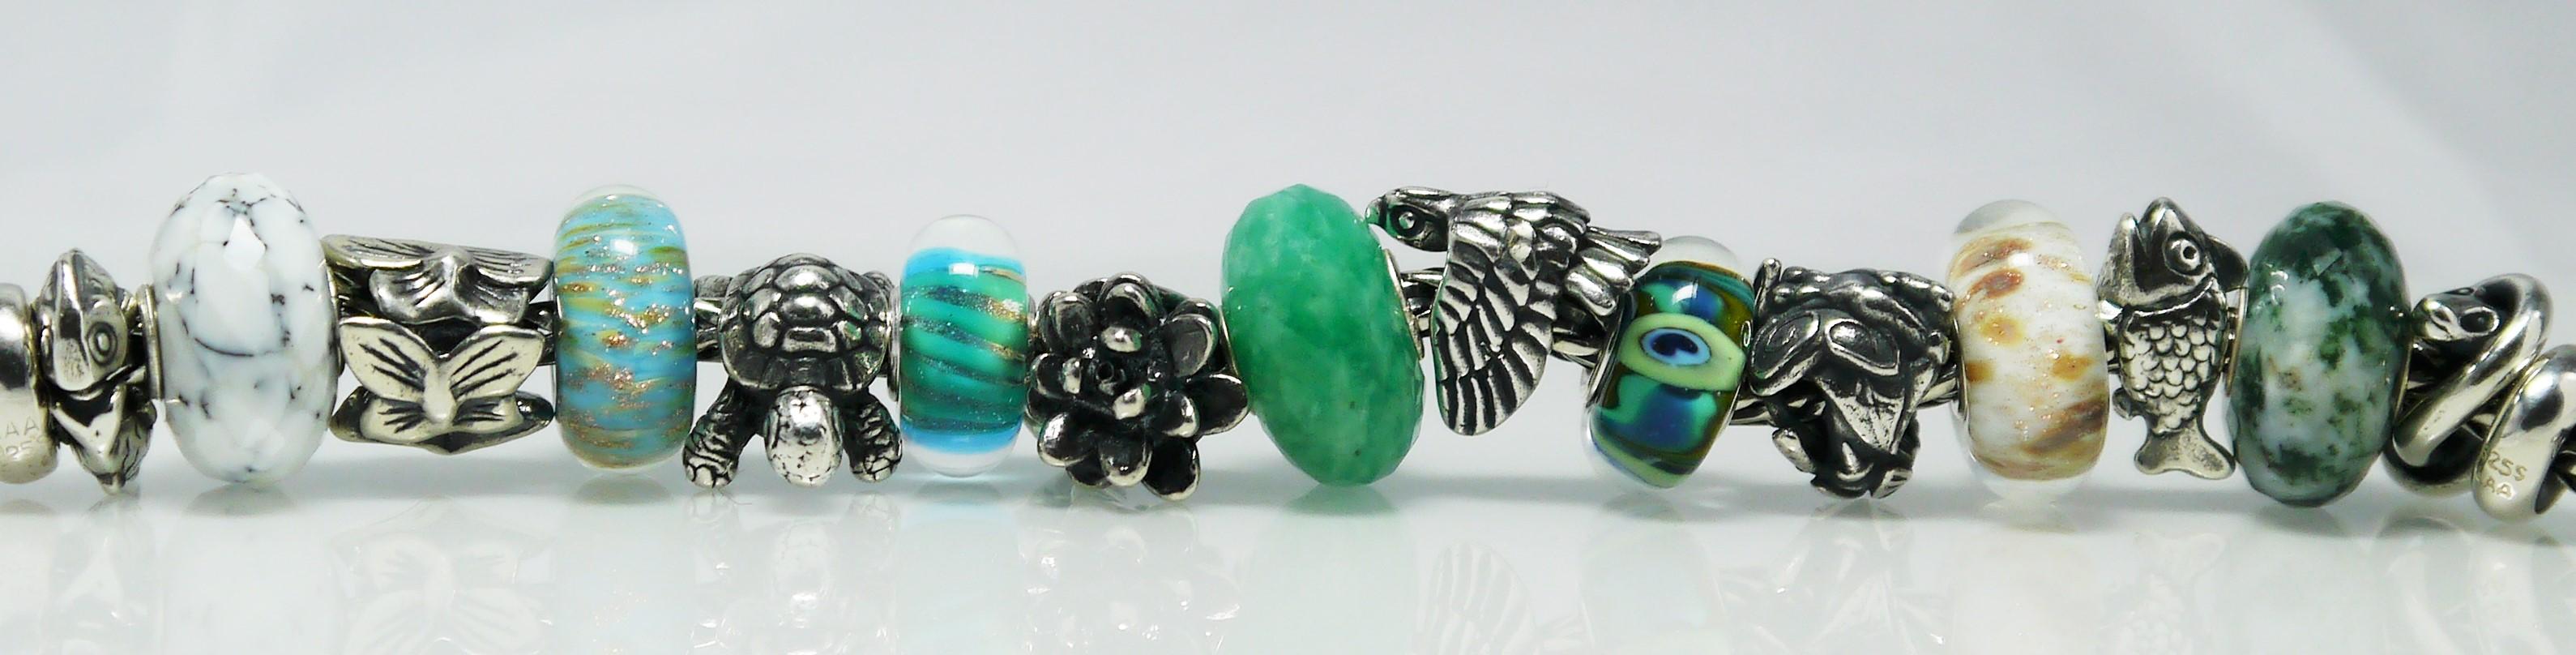 Драгоценные и поделочные камни  P1020311